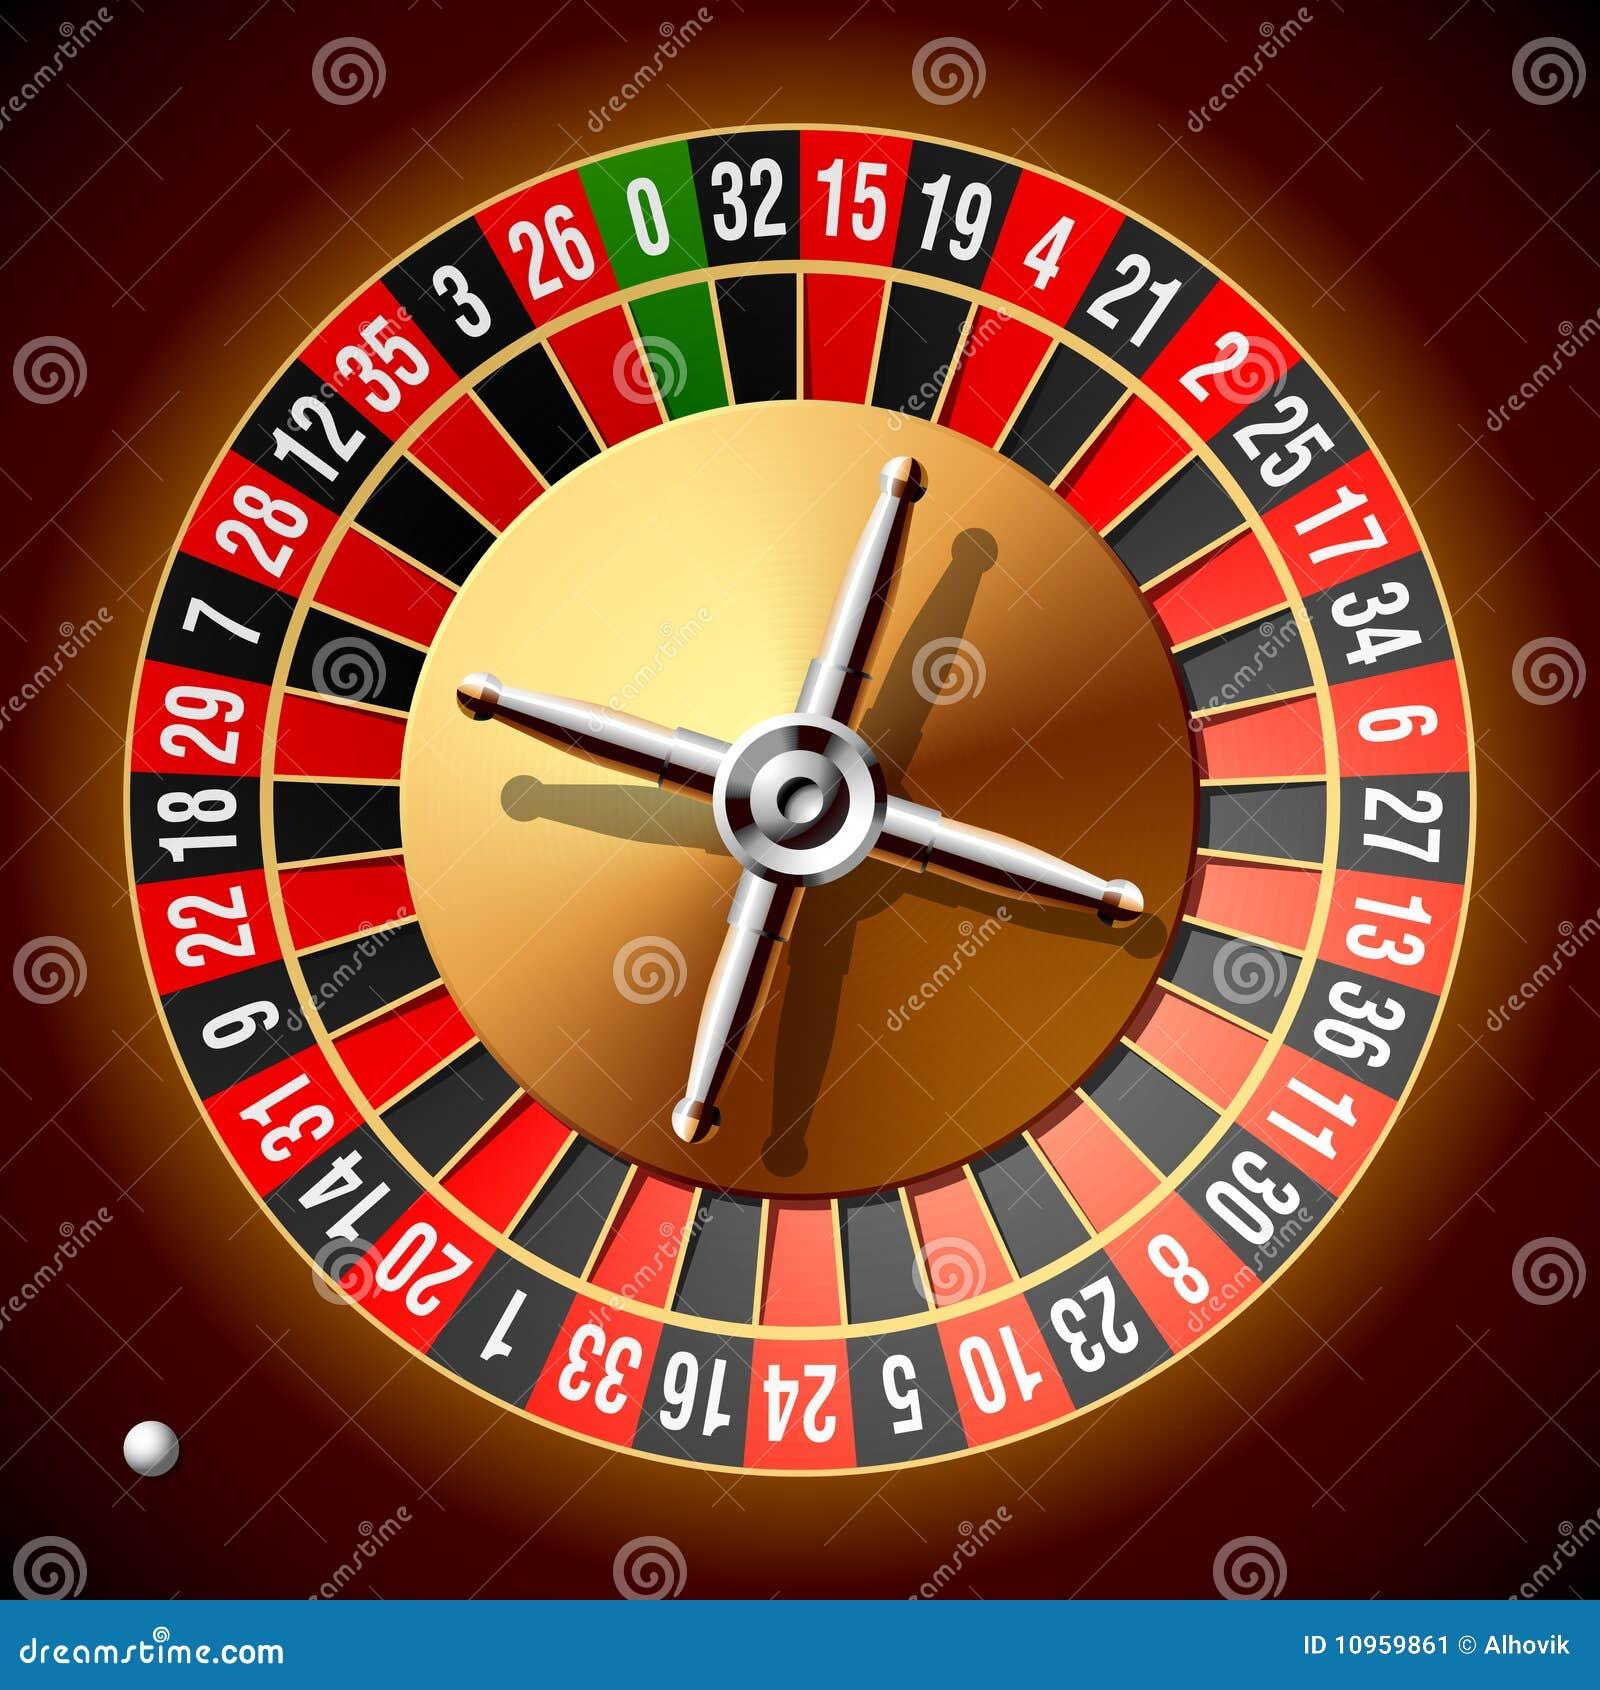 Www.Krombacher Roulette.De